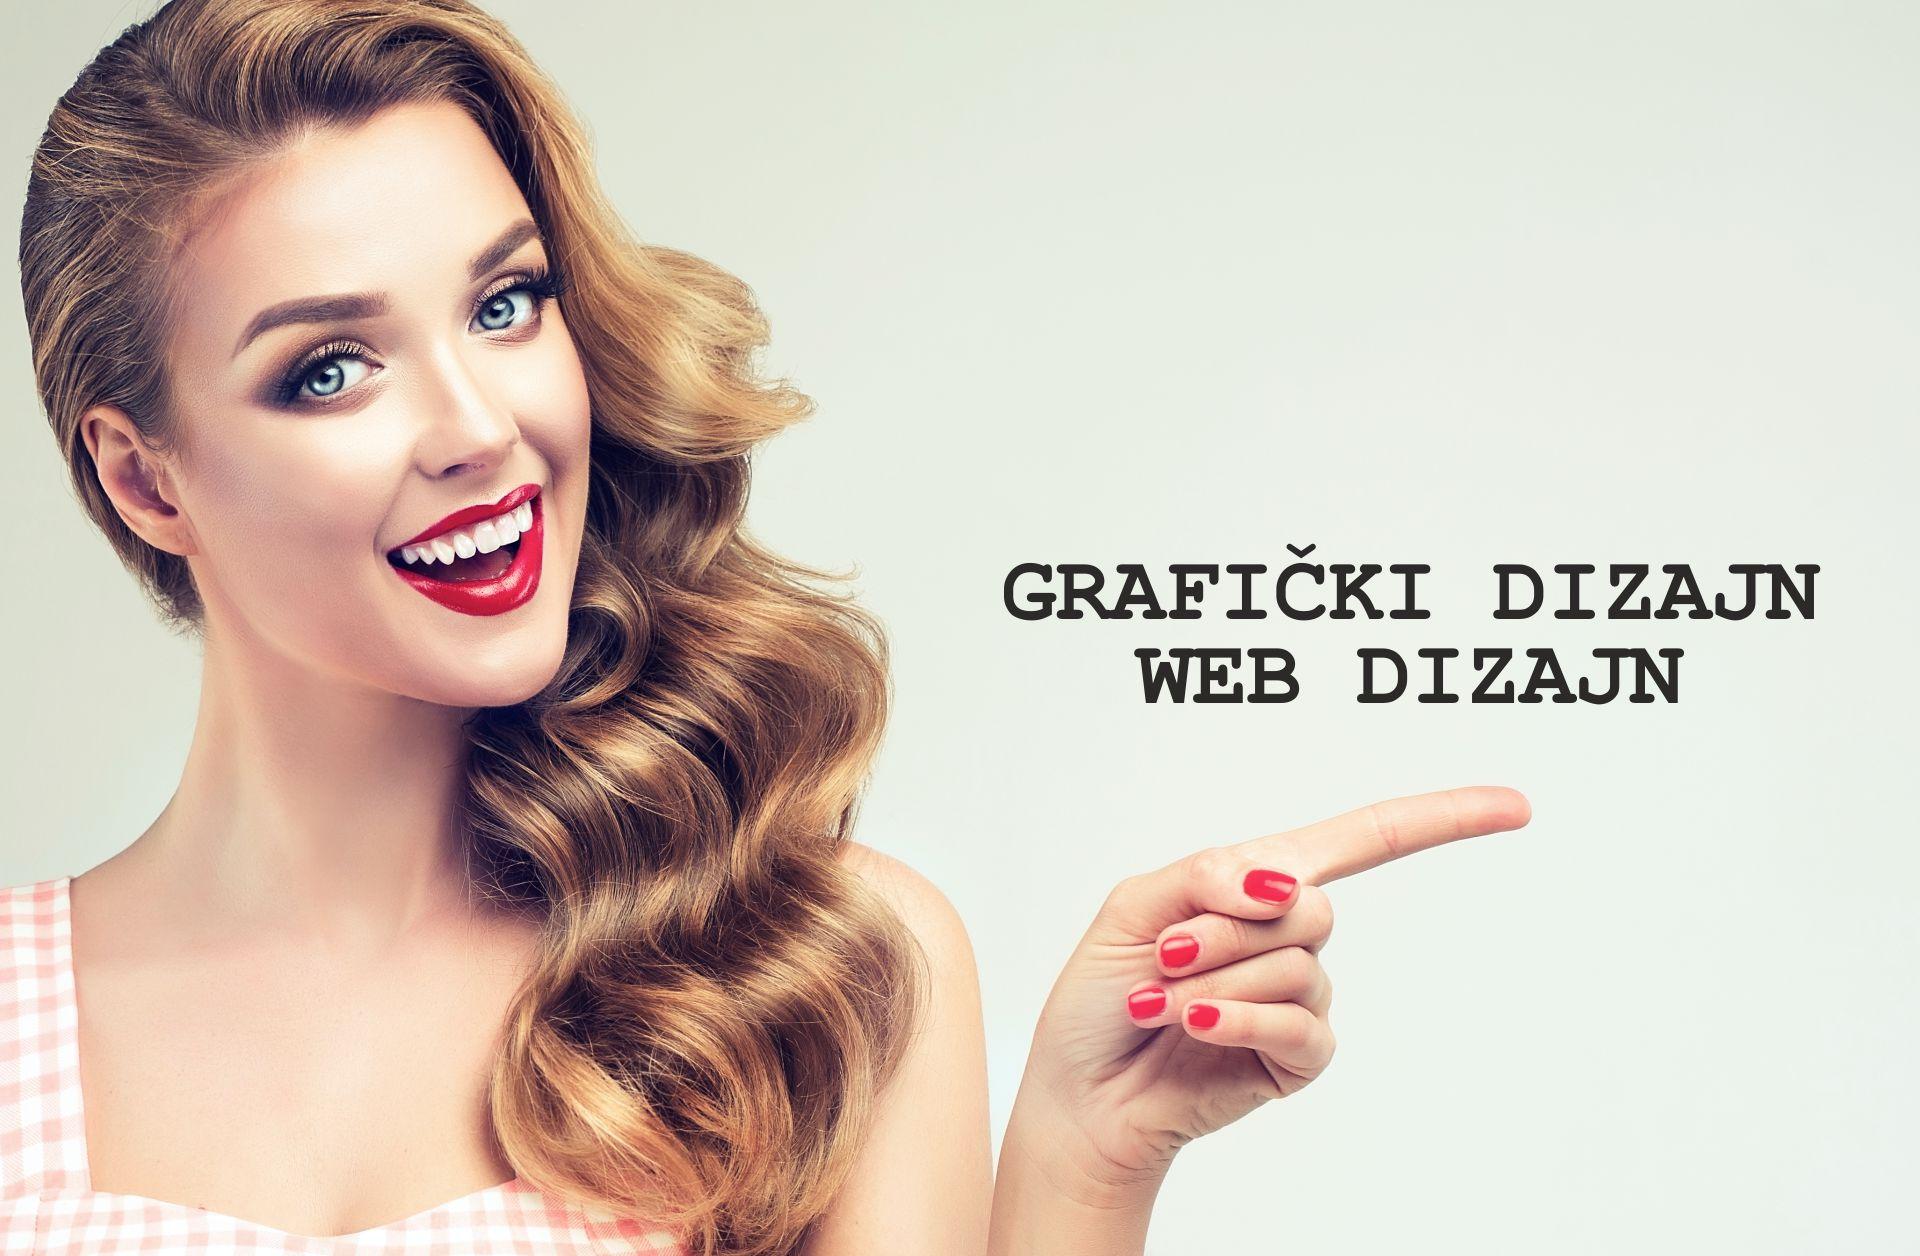 graficki dizajn i web dizajn